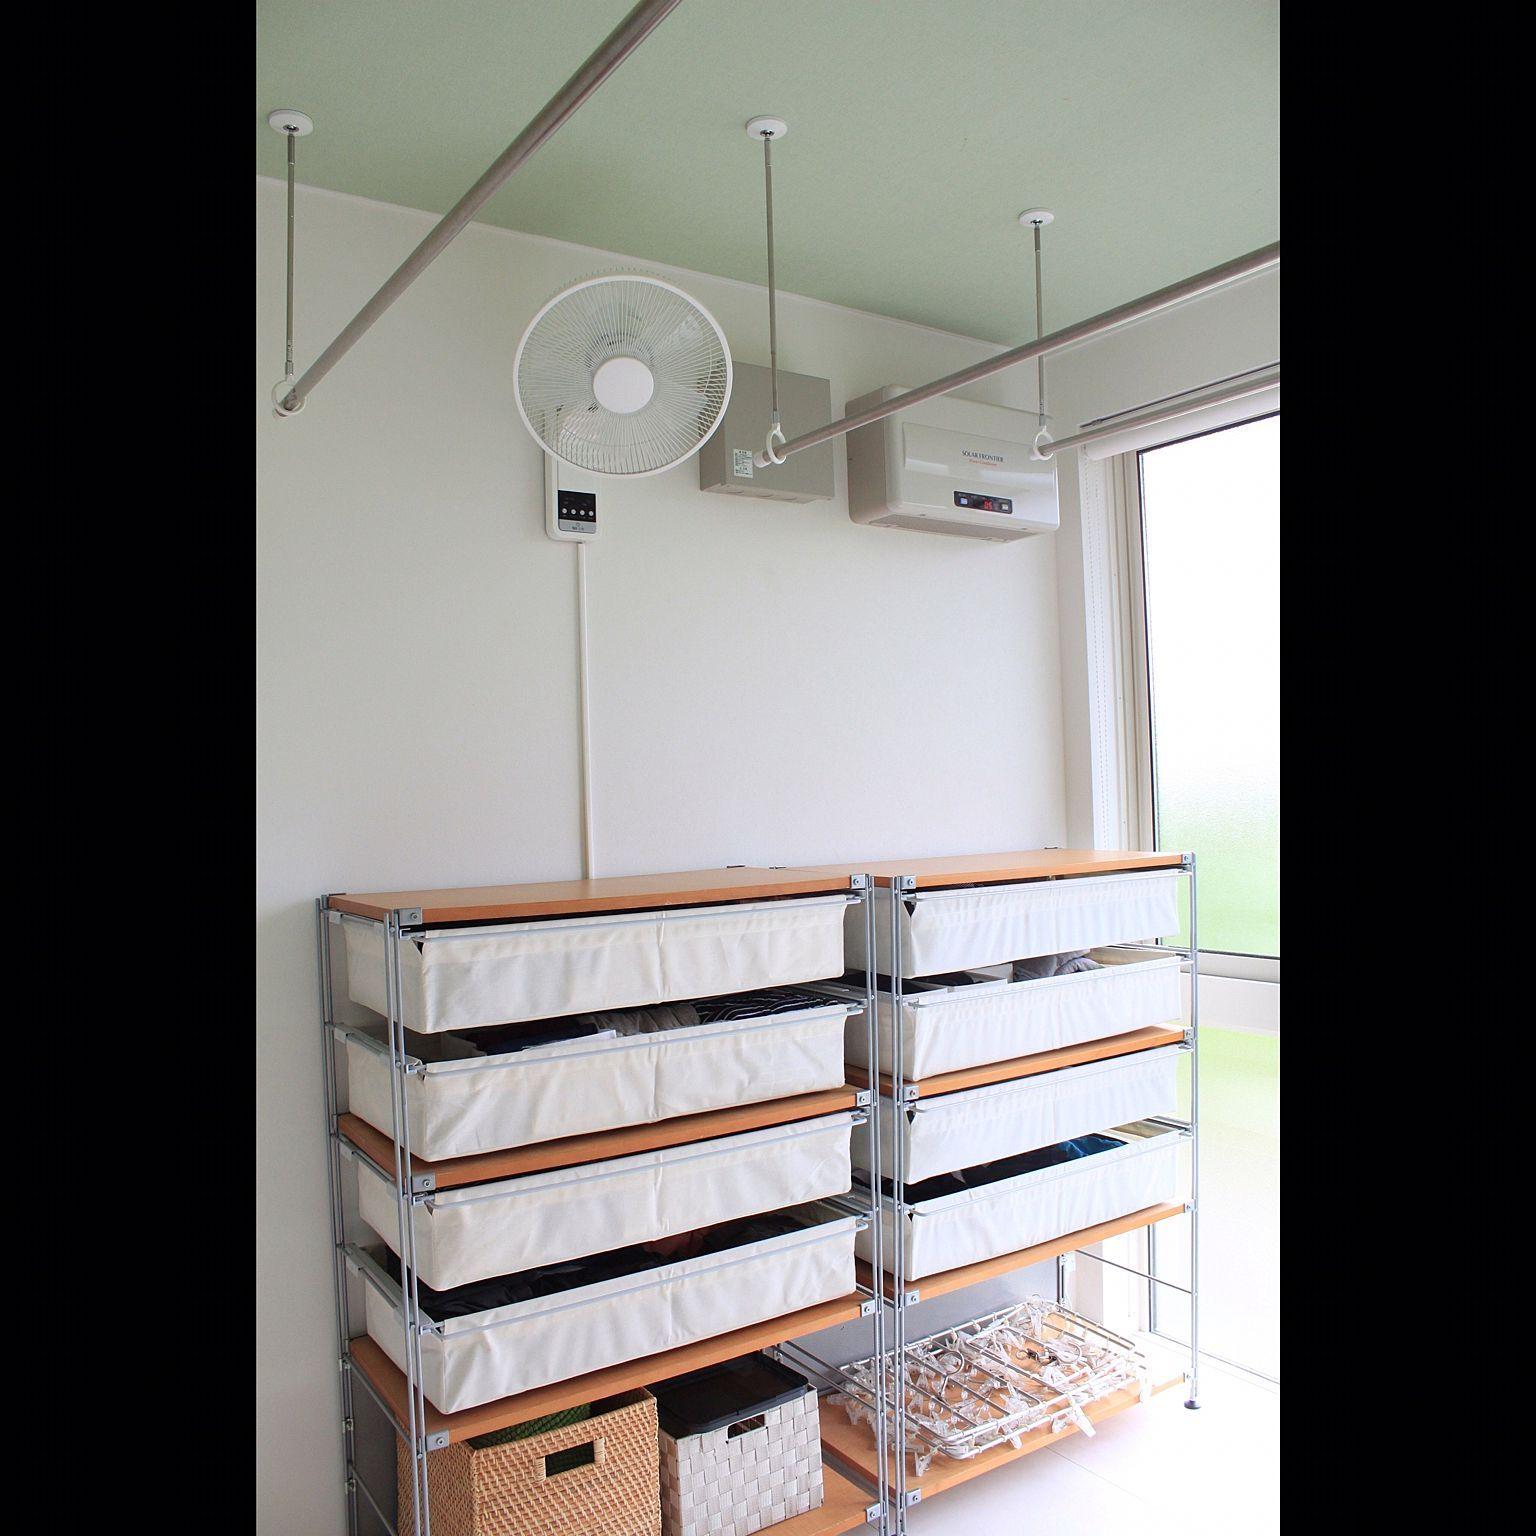 バス トイレ 壁掛け扇風機 買ってよかったモノ 無印良品 北欧